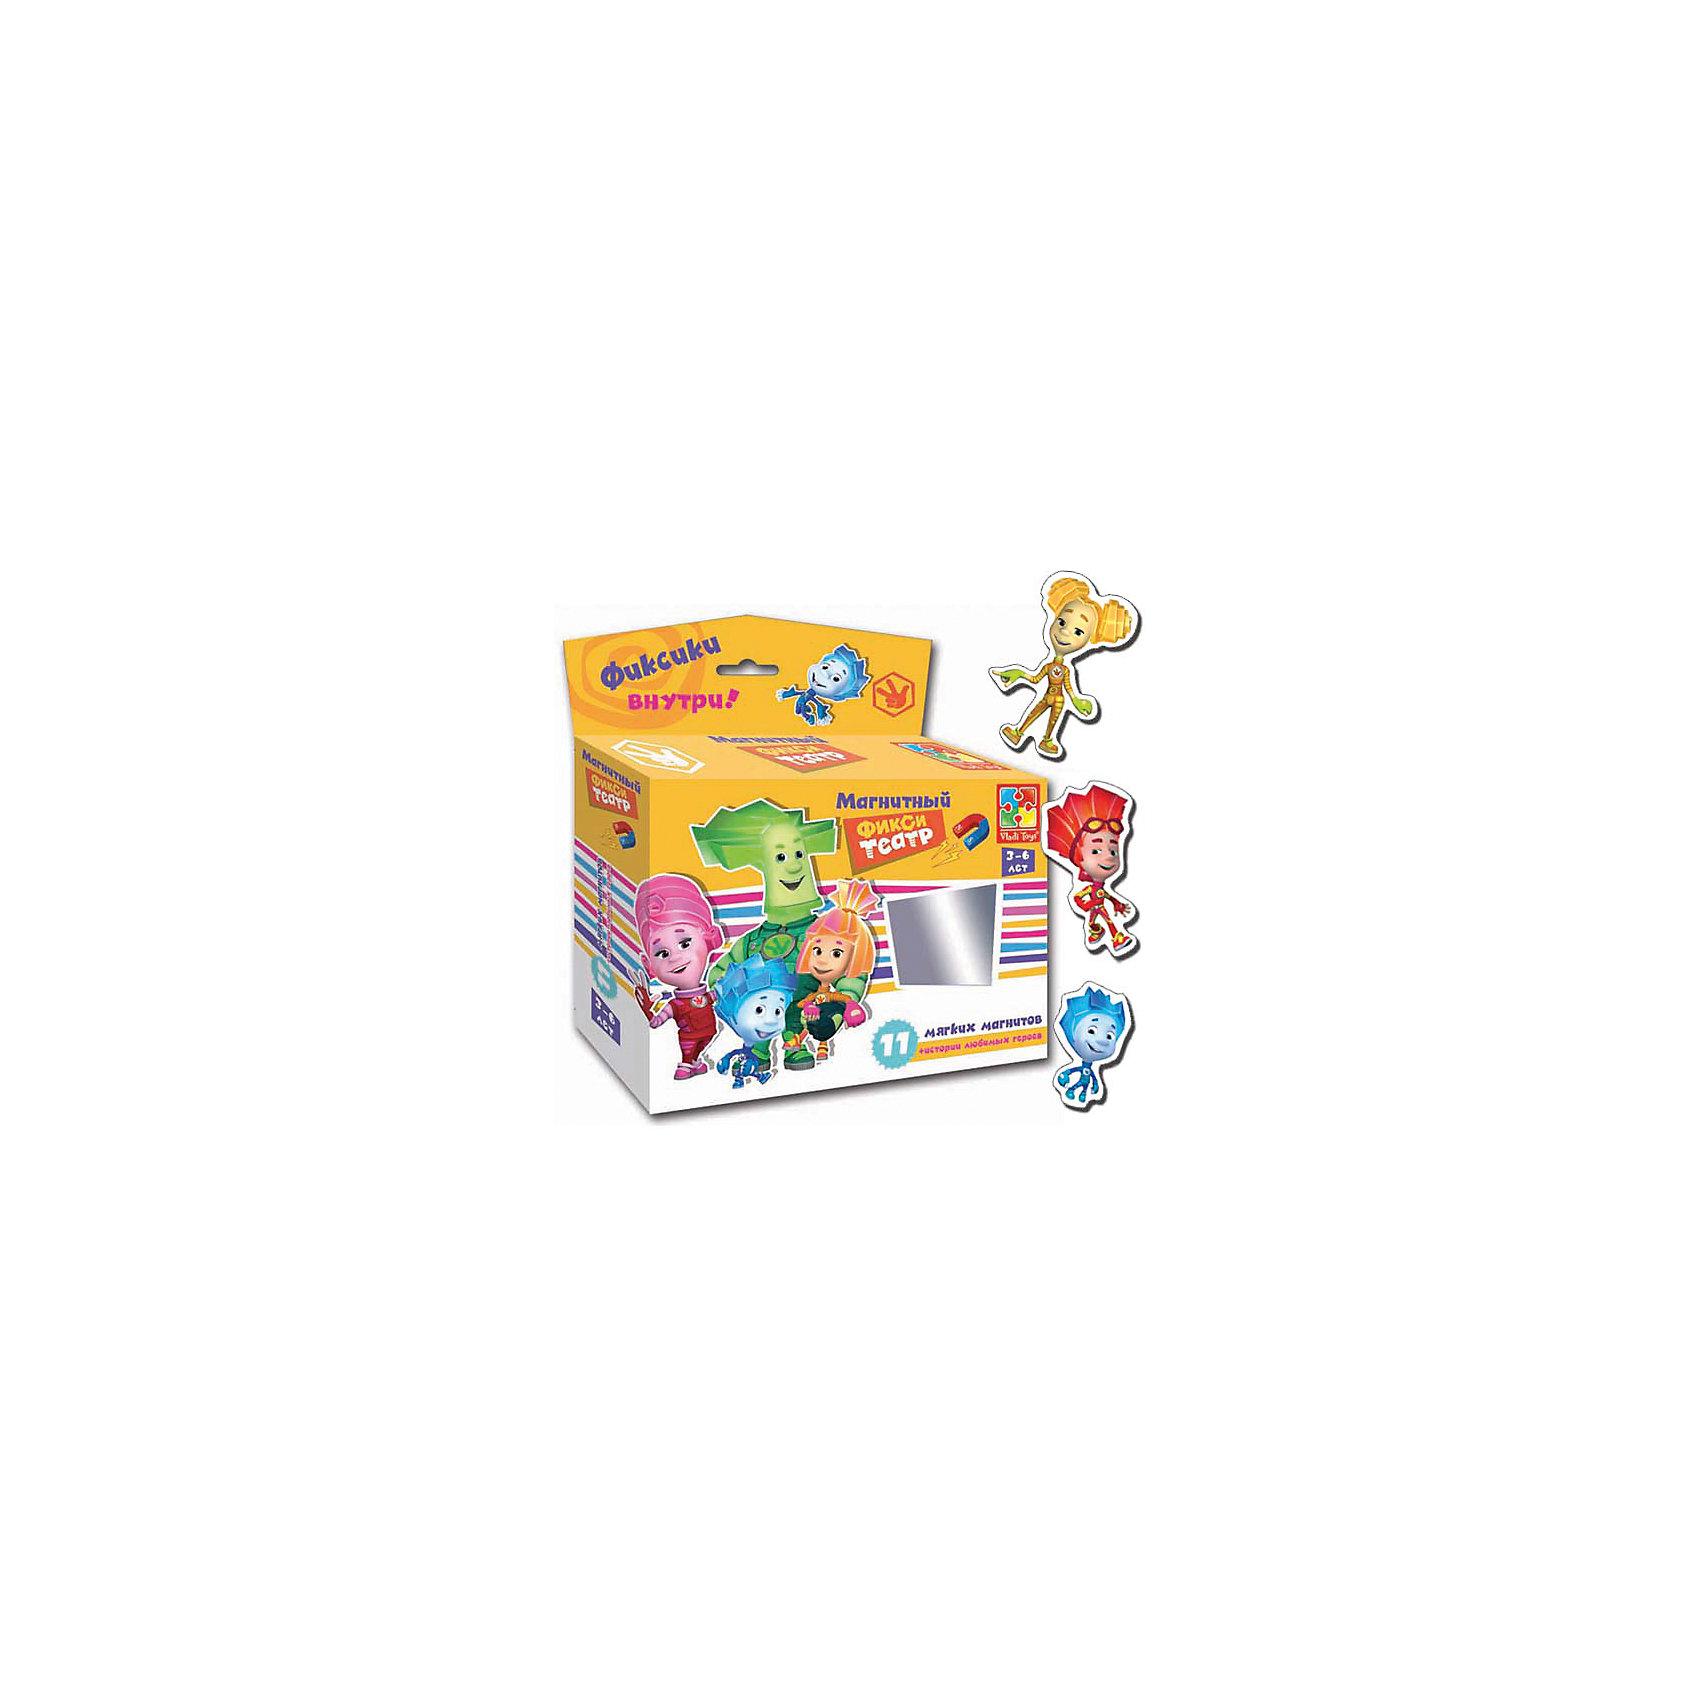 Магнитный театр  Фиксики , Vladi ToysИгры для развлечений<br>Характеристики:<br><br>• Вид игр: обучающие, развивающие<br>• Серия: обучающие магниты<br>• Пол: универсальный<br>• Материал: картон, магнит<br>• Цвет: голубой, оранжевый, розовый, зеленый, желтый и др.<br>• Комплектация: 10 магнитов, сценарий сказки<br>• Размеры упаковки (Д*Ш*В): 16,5*4,5*19 см<br>• Тип упаковки: картонная коробка<br>• Вес в упаковке: 110 г<br><br>Магнитный театр Фиксики, Vladi Toys, производителем которых является компания, специализирующаяся на выпуске развивающих игр, давно уже стали популярными среди аналогичной продукции. Театральные постановки в детских играх – это залог его творческого развития ребенка. При производстве карточек использованы только экологически безопасные материалы, которые не вызывают аллергии и не имеют запаха. Магнитный театр Фиксики состоит из 10 ярких персонажей-картинок, которые позволят воспроизвести любимые сюжеты из популярного мультфильма. В комплекте предусмотрен сценарий одной сказки.<br>Игры Магнитный театр Фиксики, Vladi Toys позволят вашему ребенку развивать связную речь, обогащать словарный запас и постигать актерское искусство не выходя из дома!<br><br>Магнитный театр Фиксики, Vladi Toys можно купить в нашем интернет-магазине.<br><br>Ширина мм: 165<br>Глубина мм: 45<br>Высота мм: 190<br>Вес г: 110<br>Возраст от месяцев: 24<br>Возраст до месяцев: 60<br>Пол: Унисекс<br>Возраст: Детский<br>SKU: 5136110